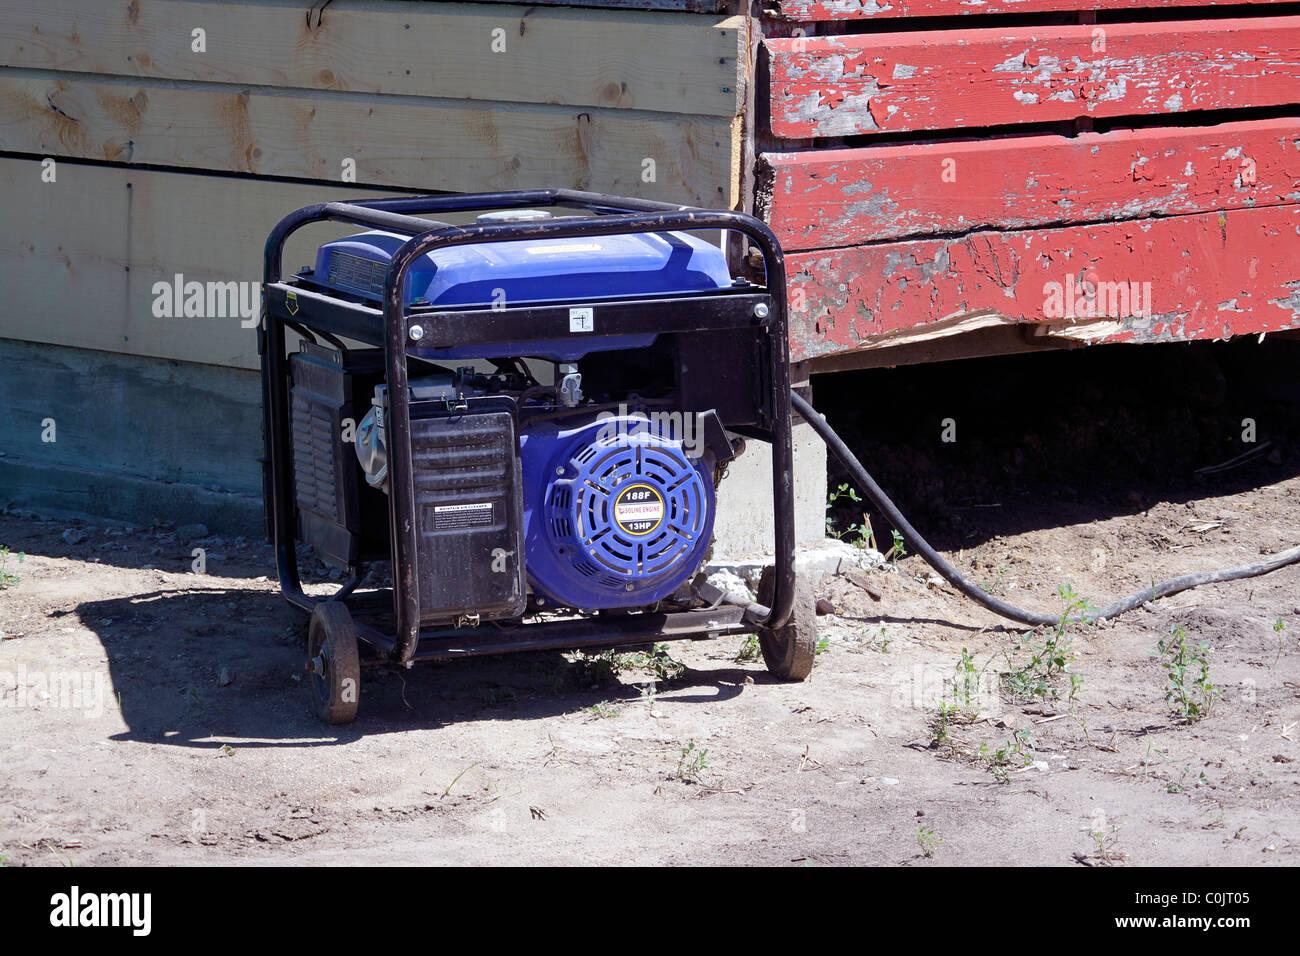 Tragbaren Generator am abgelegenen Bauernhof Gebäude verwendet wird Stockbild